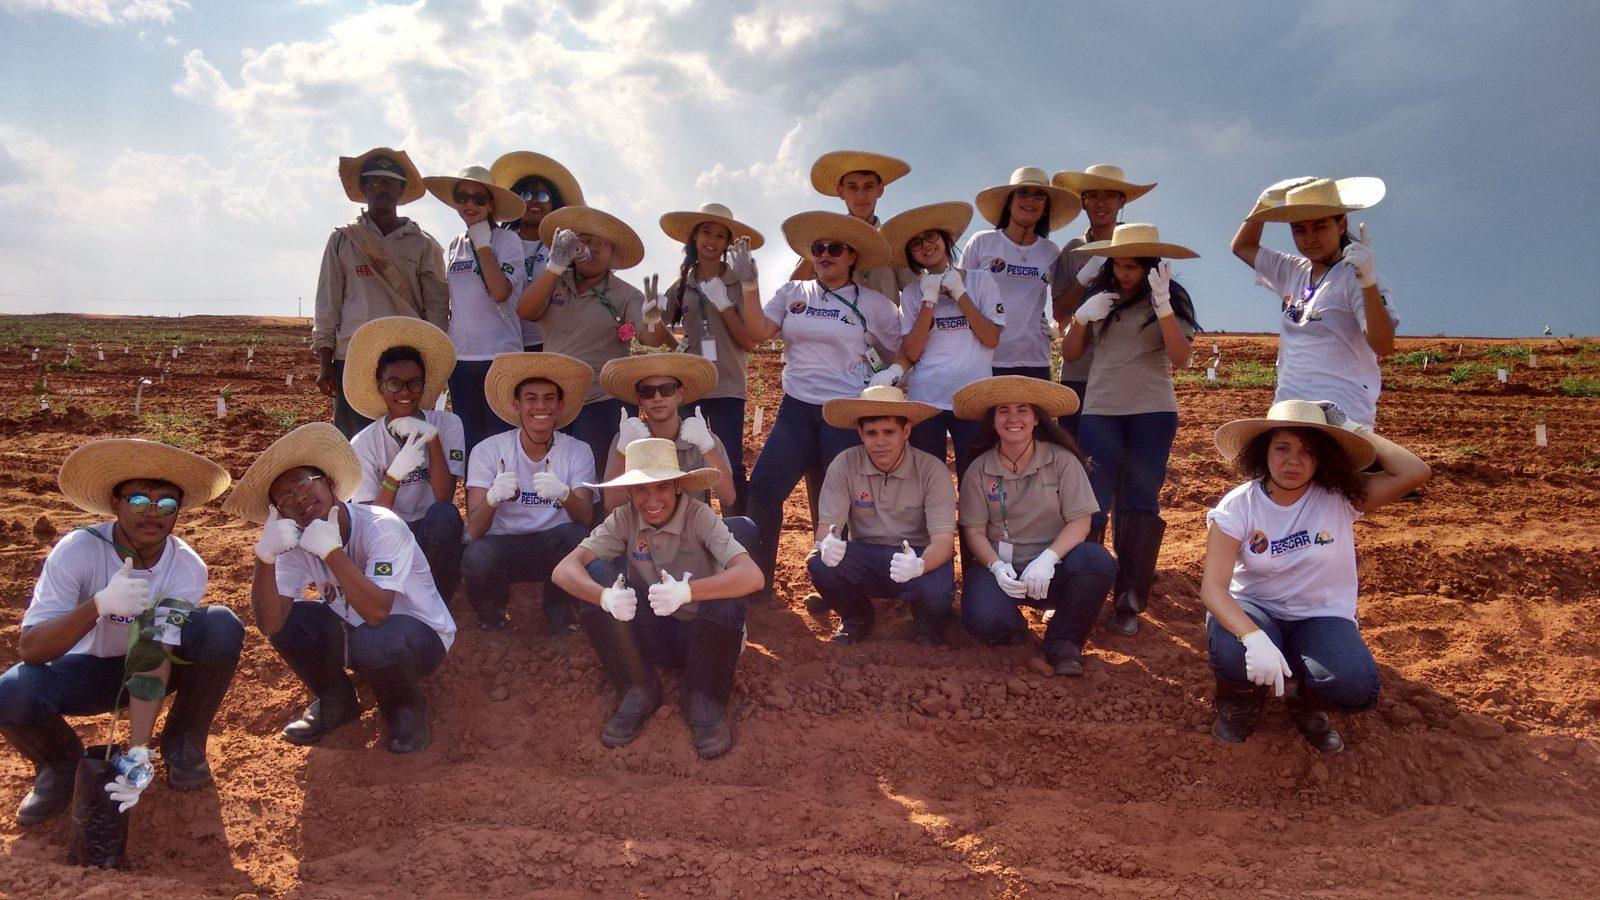 Unidade Projeto Pescar Citrosuco - Jovens em visita técnica em uma fazenda da empresa